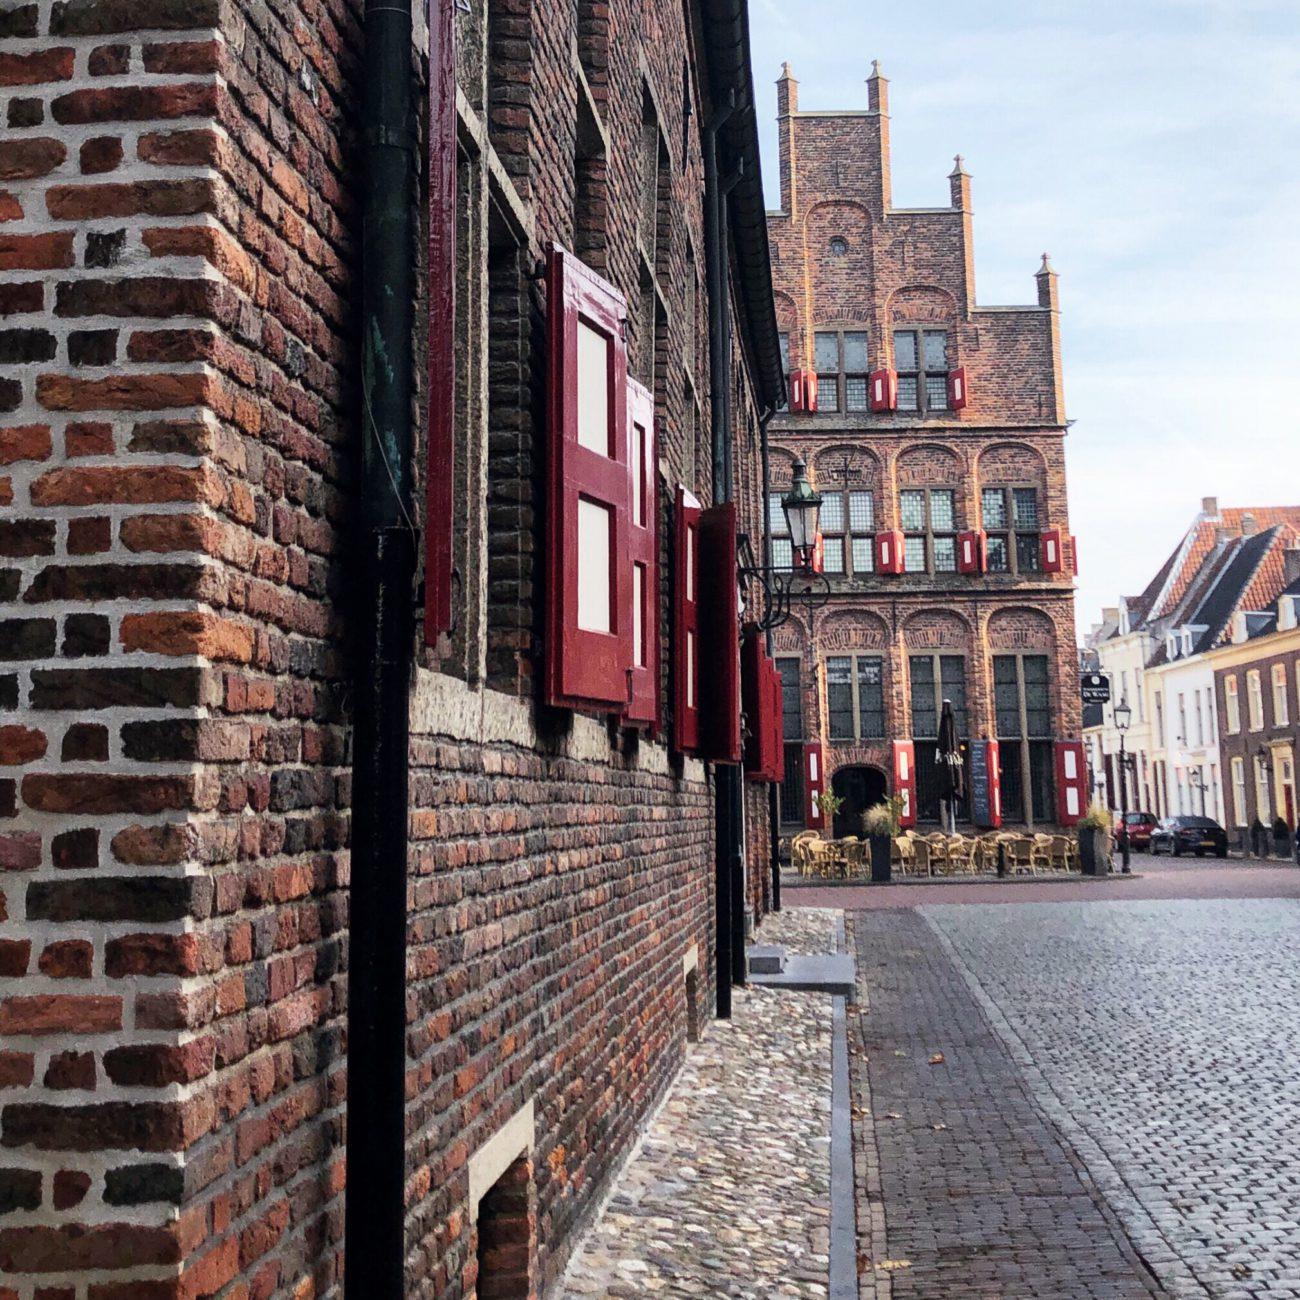 Rood met witte luiken op de gevel van de Waag in Doesburg